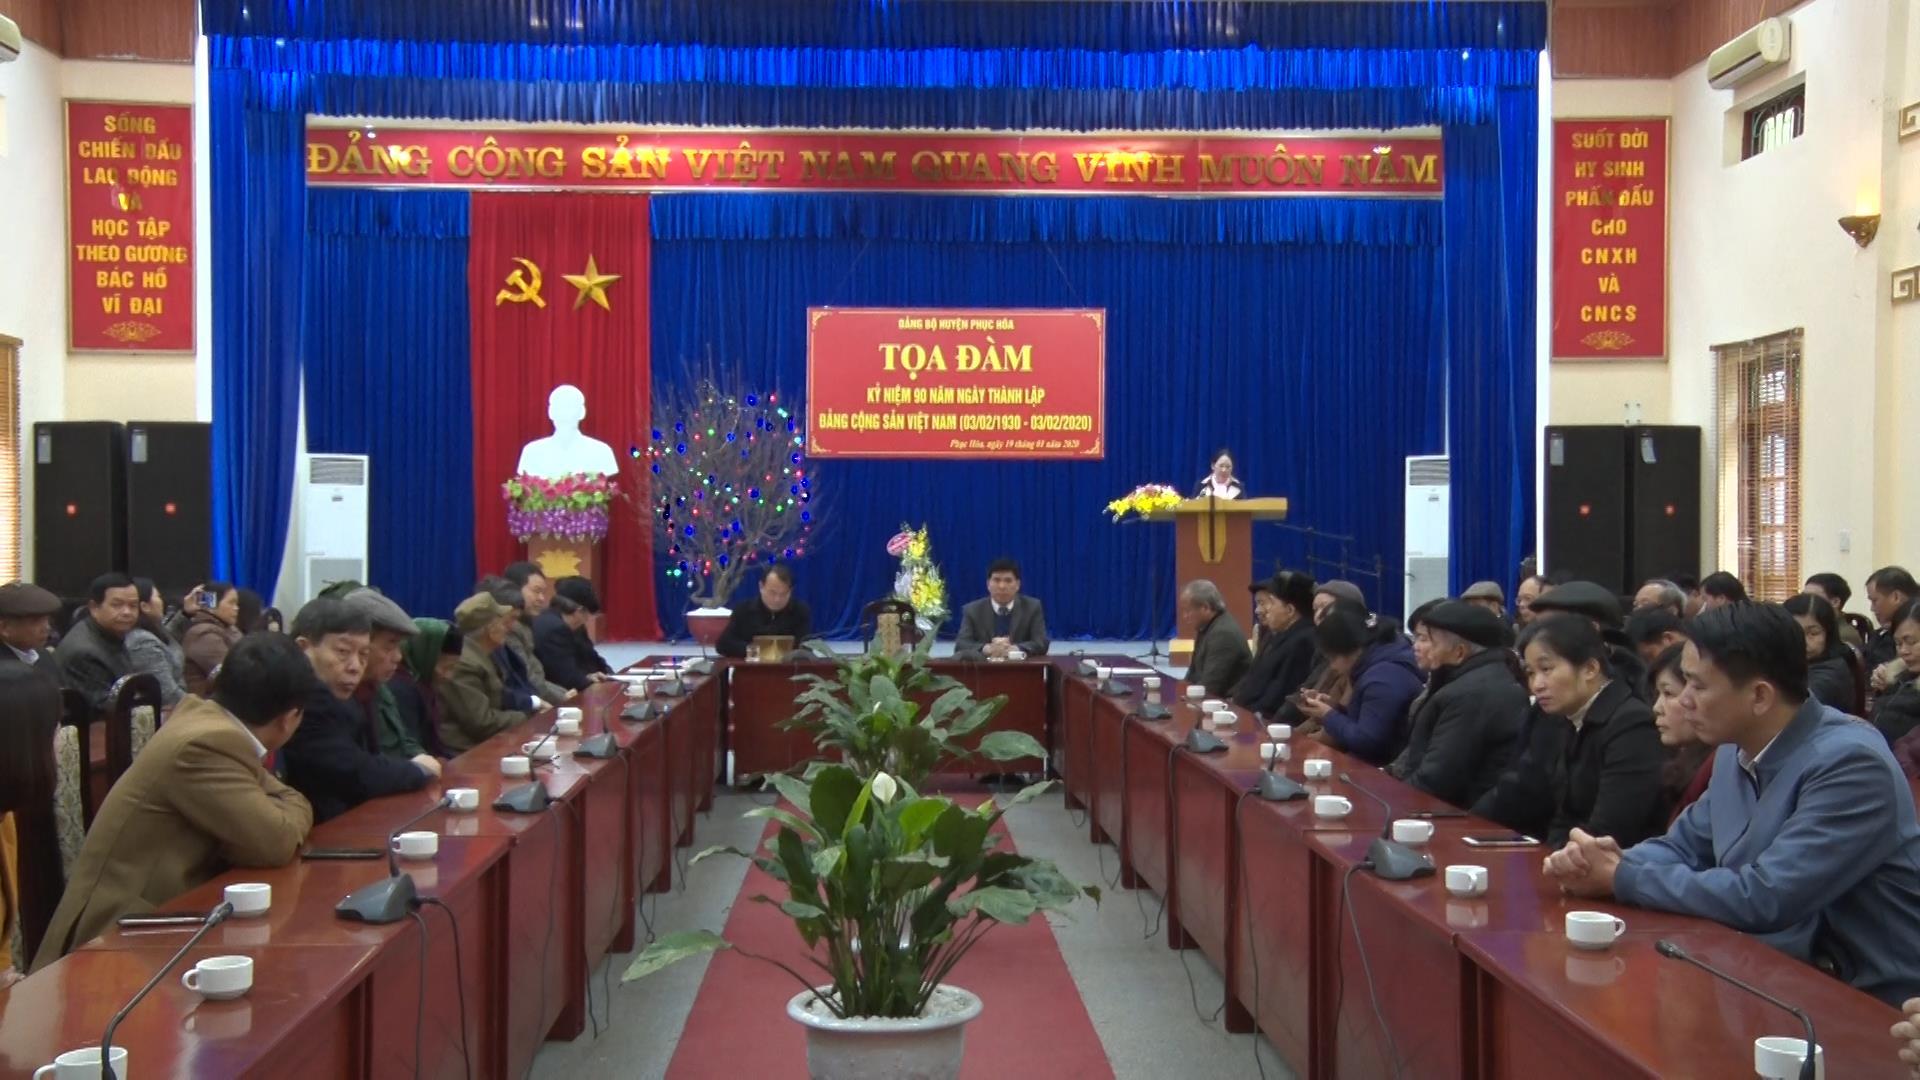 Phục Hòa: Tọa đàm kỷ niệm 90 năm Ngày thành lập Đảng Cộng sản Việt Nam